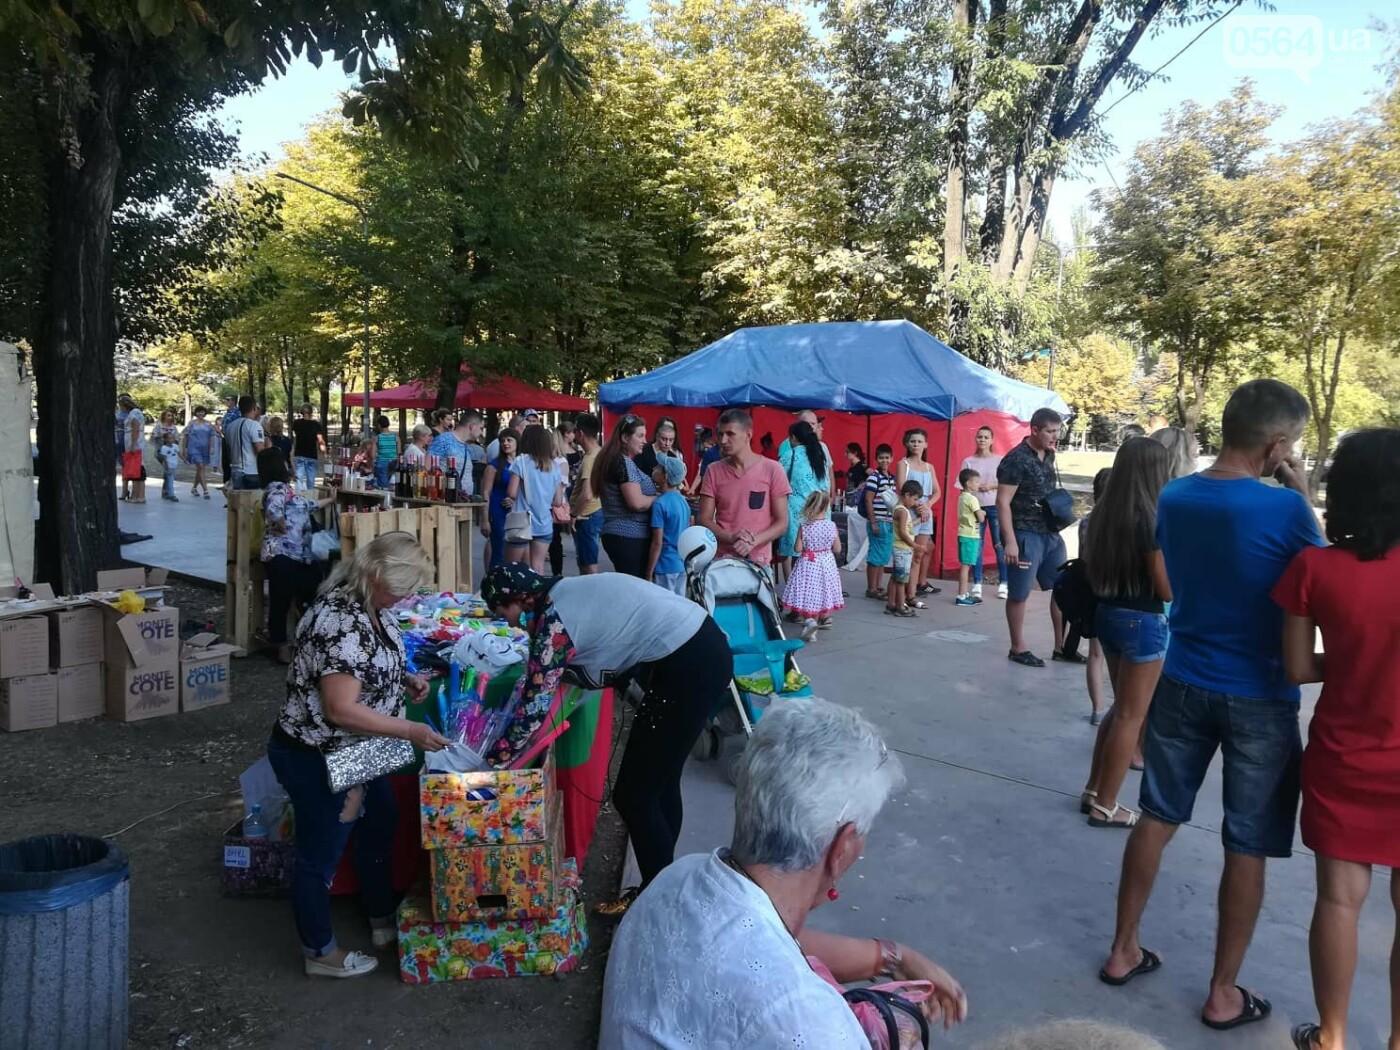 Мастер-классы, концерт и показательные выступления казаков, - как криворожане отмечают главный праздник страны в Долгинцевском районе, фото-14